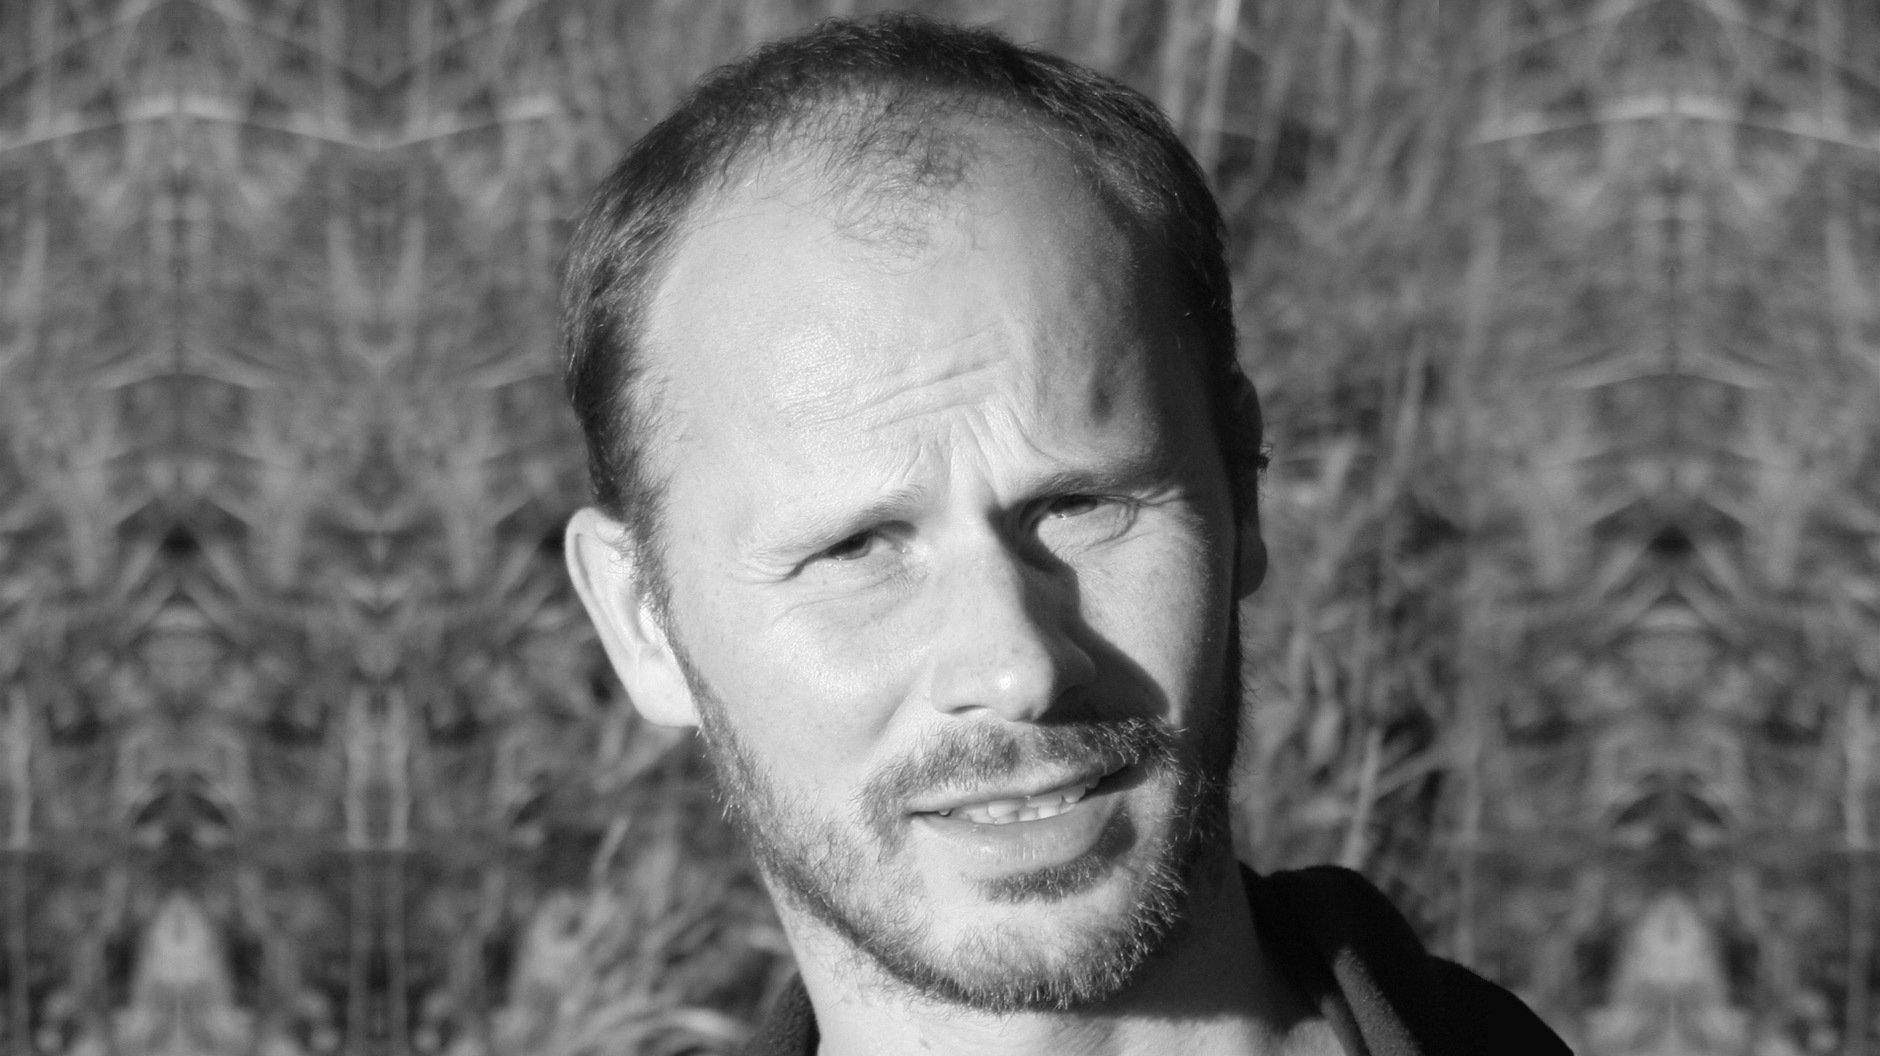 Johan Van Staeyen